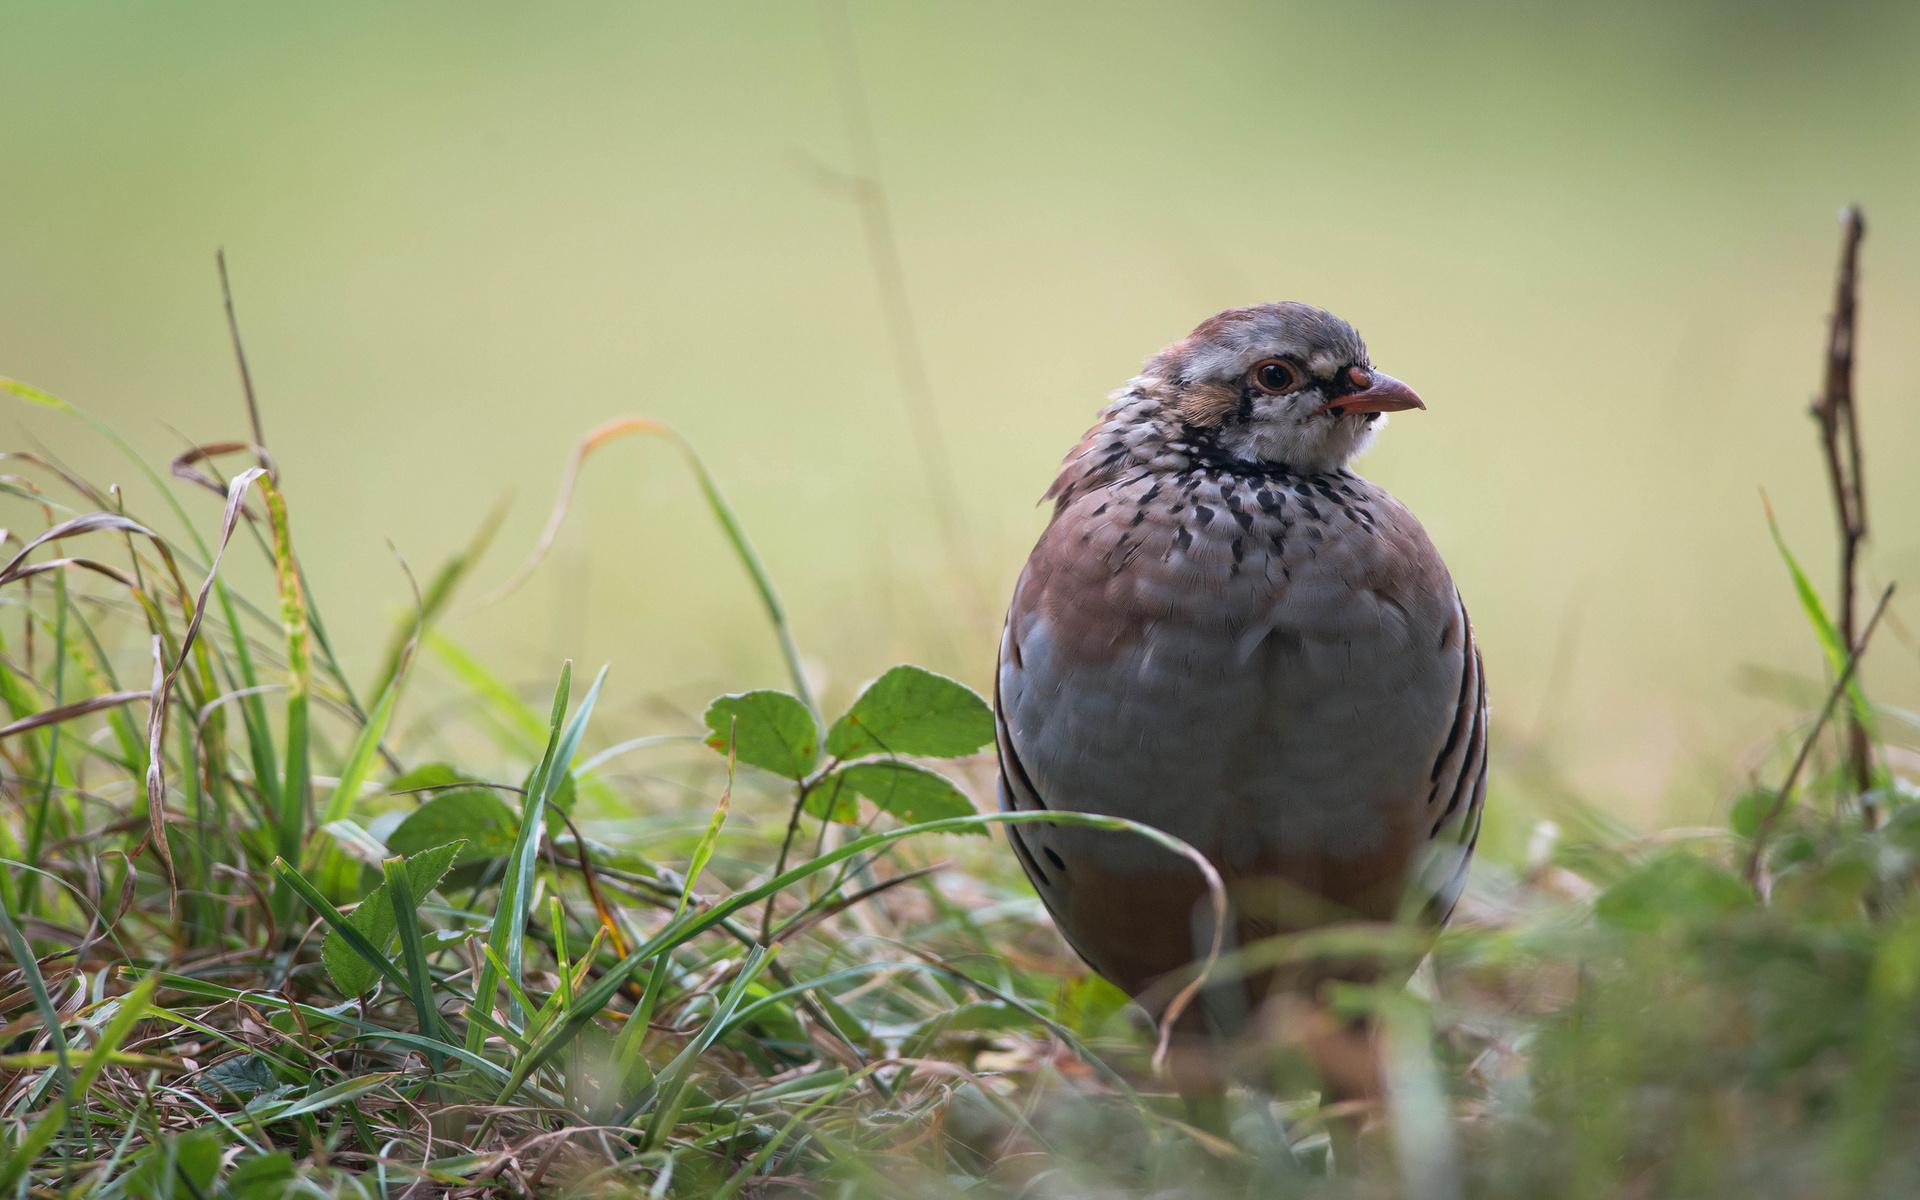 птица, смотрит, перья